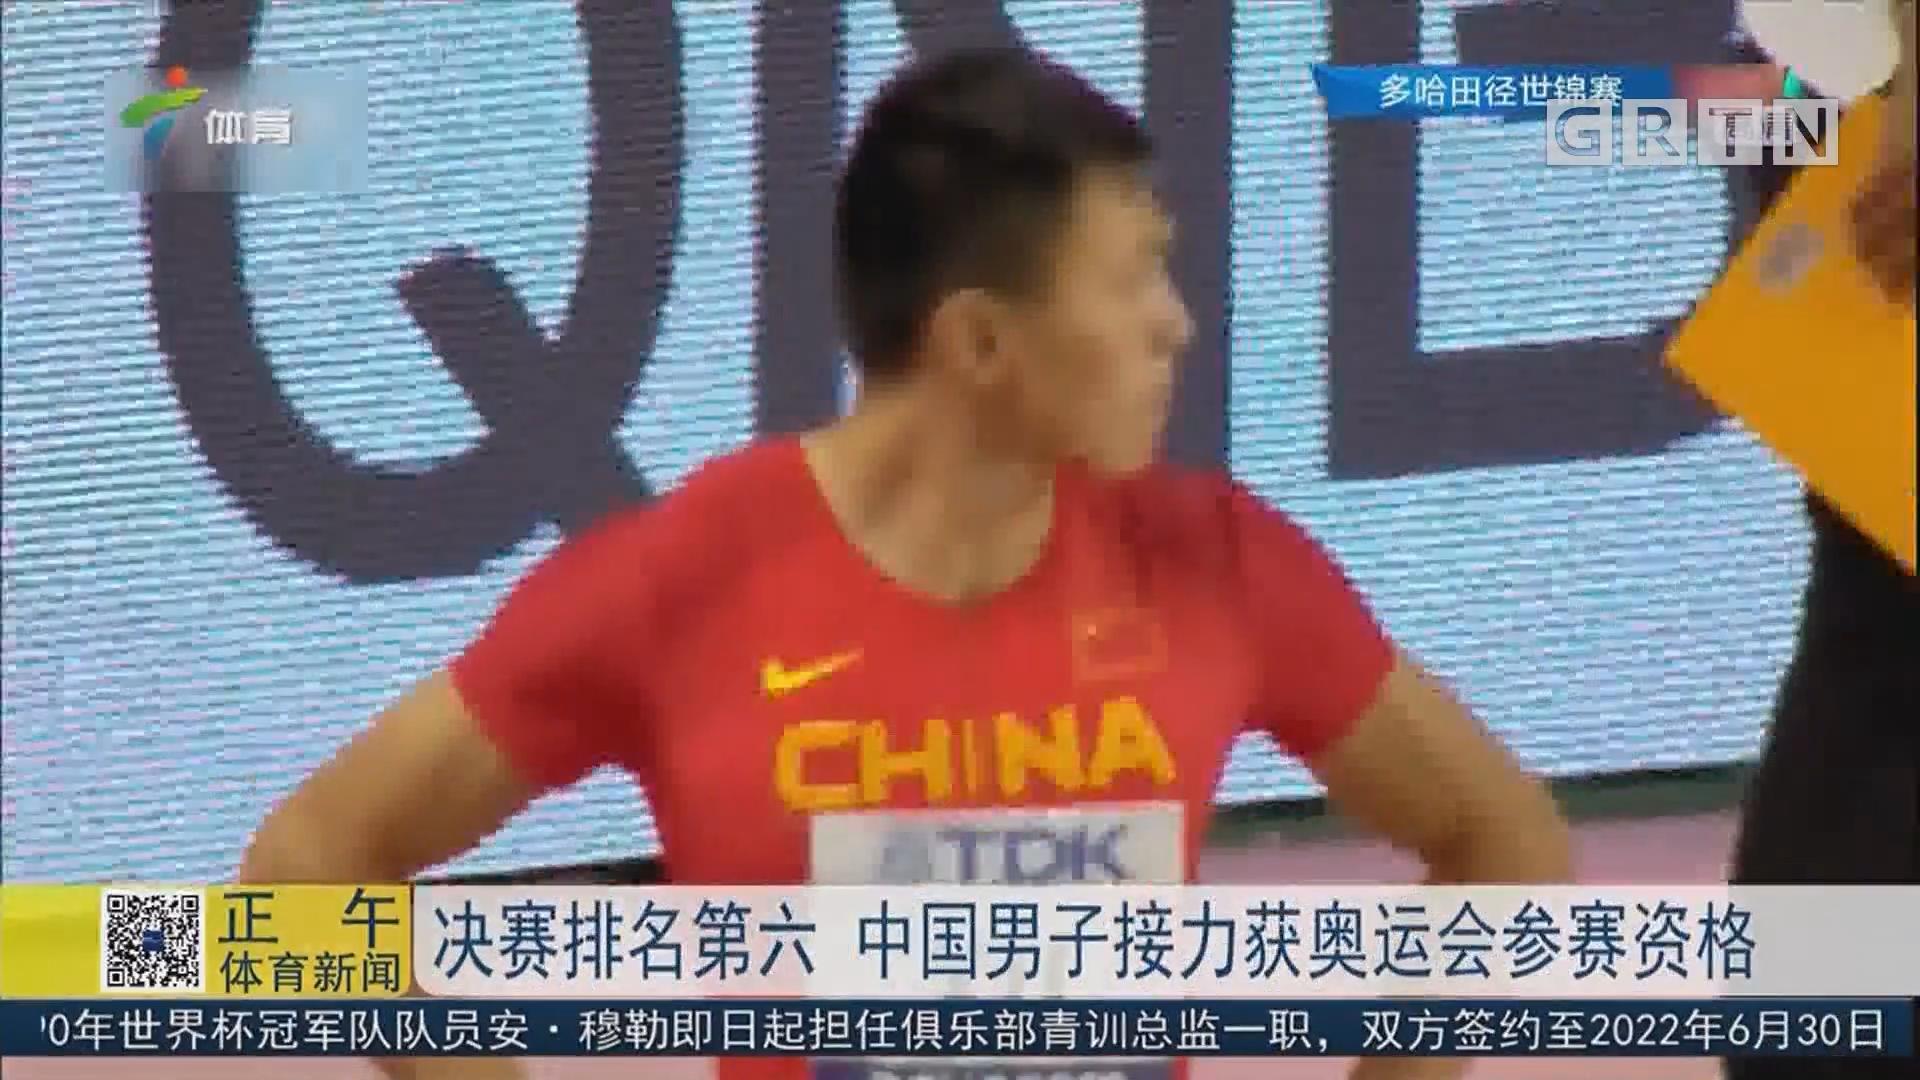 决赛排名第六 中国男子接力获奥运会参赛资格